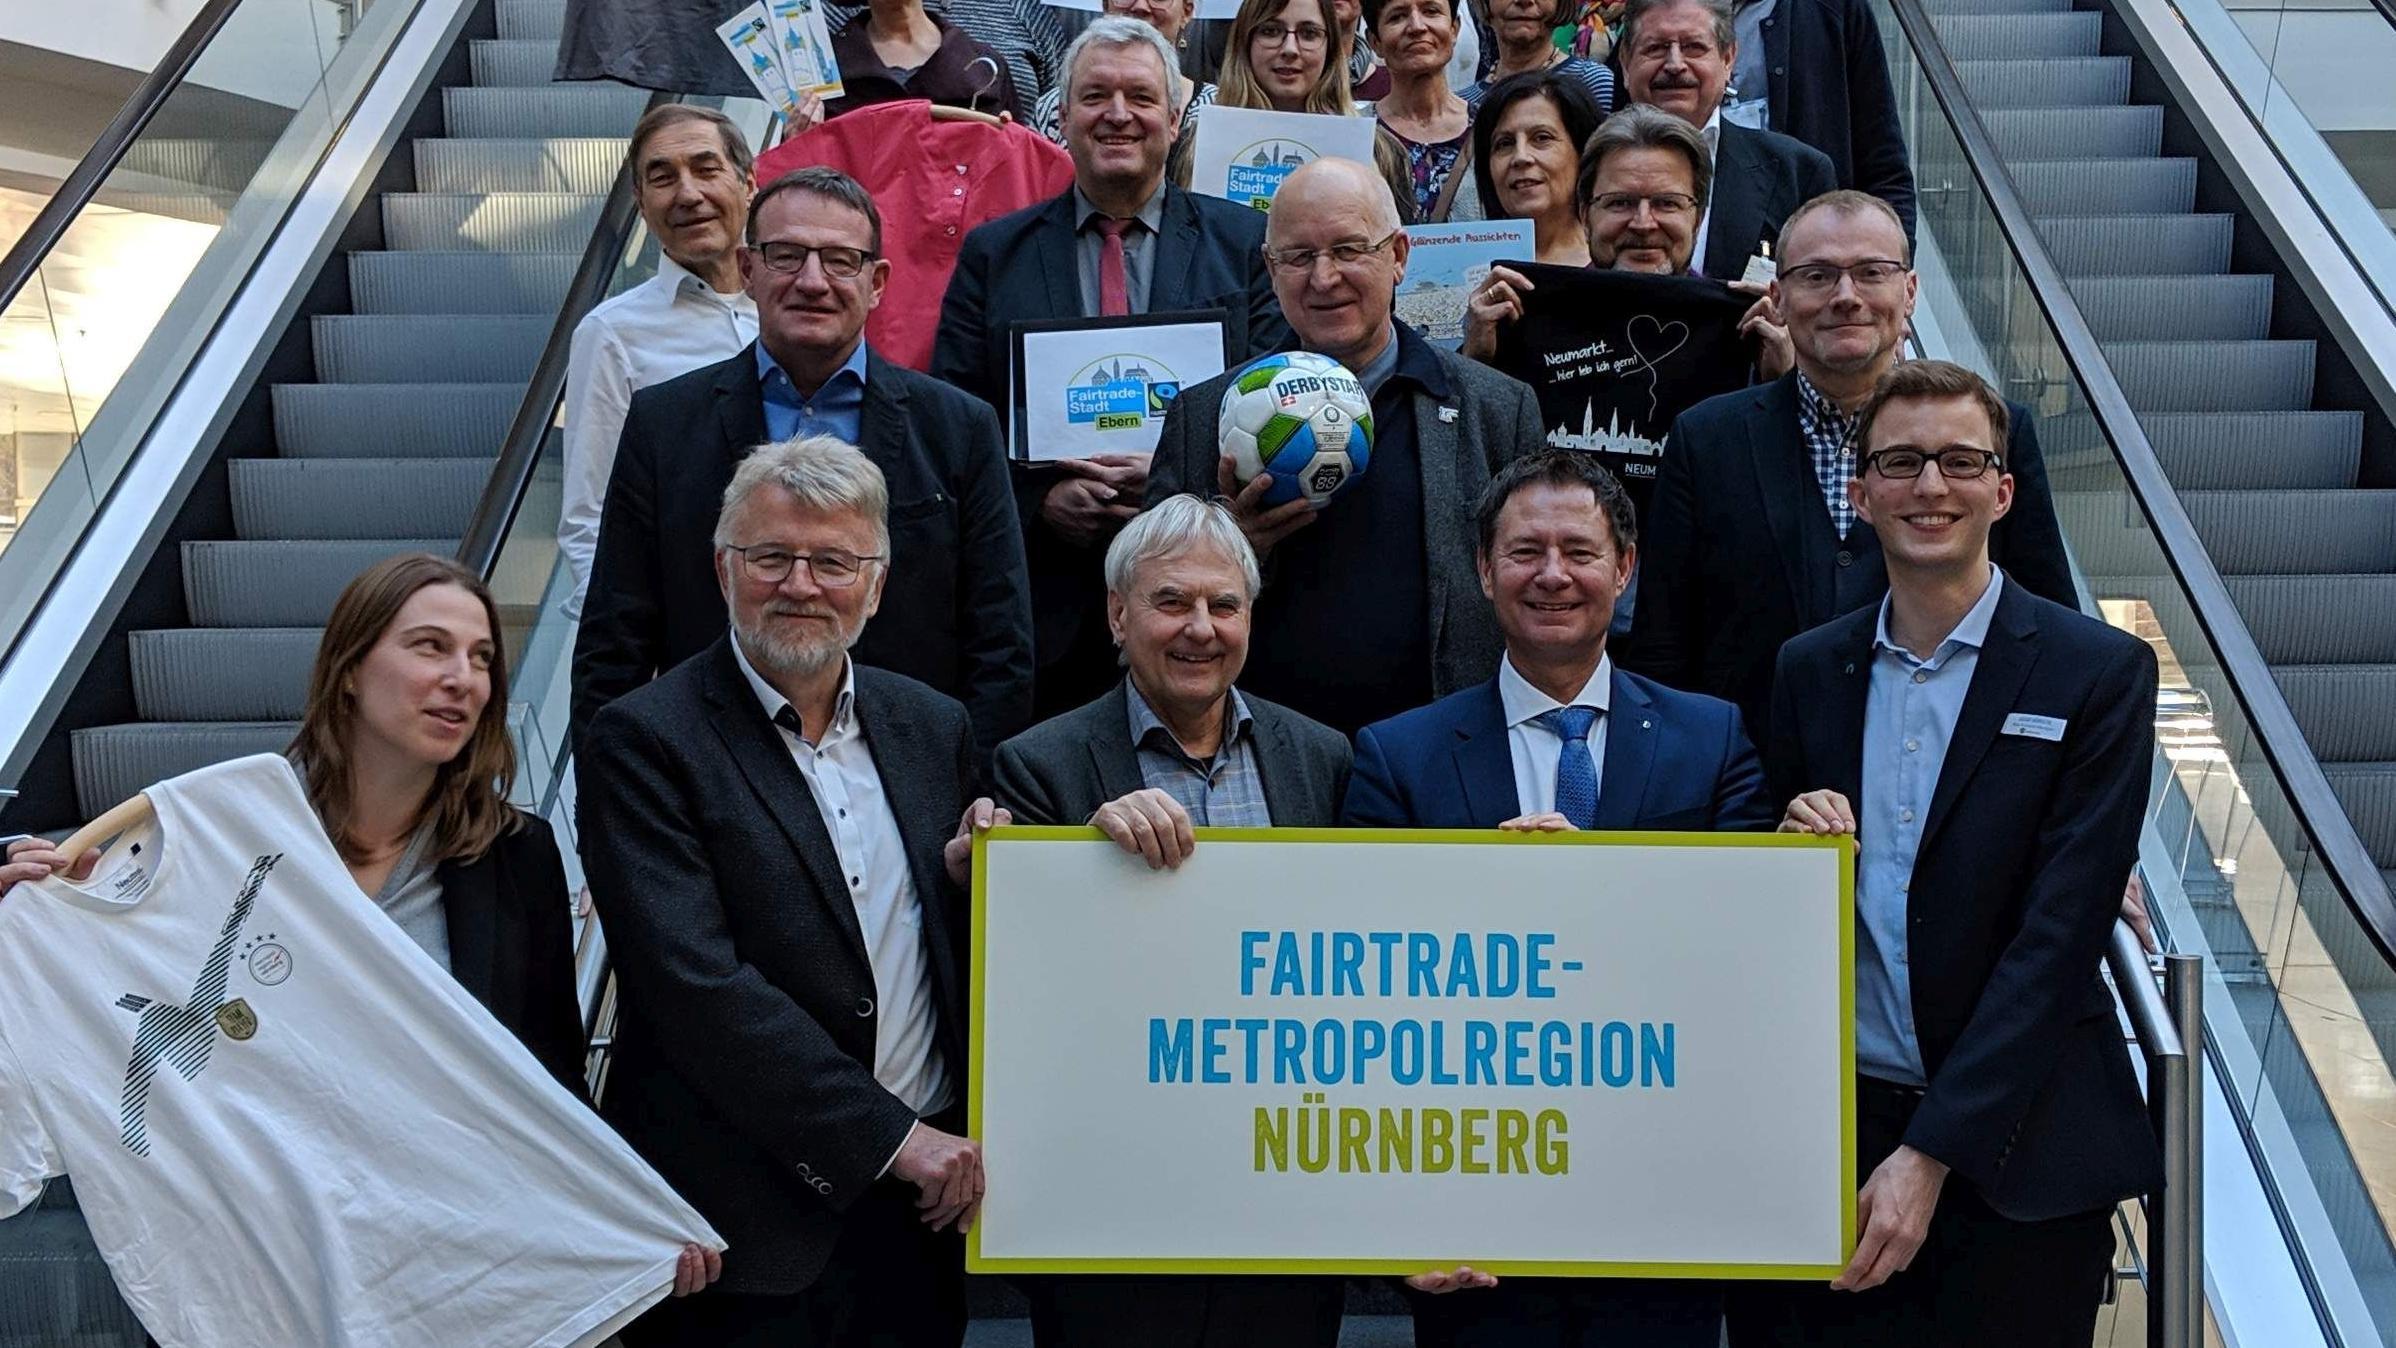 Übergabe der Urkunde zur Fairtrade-Region